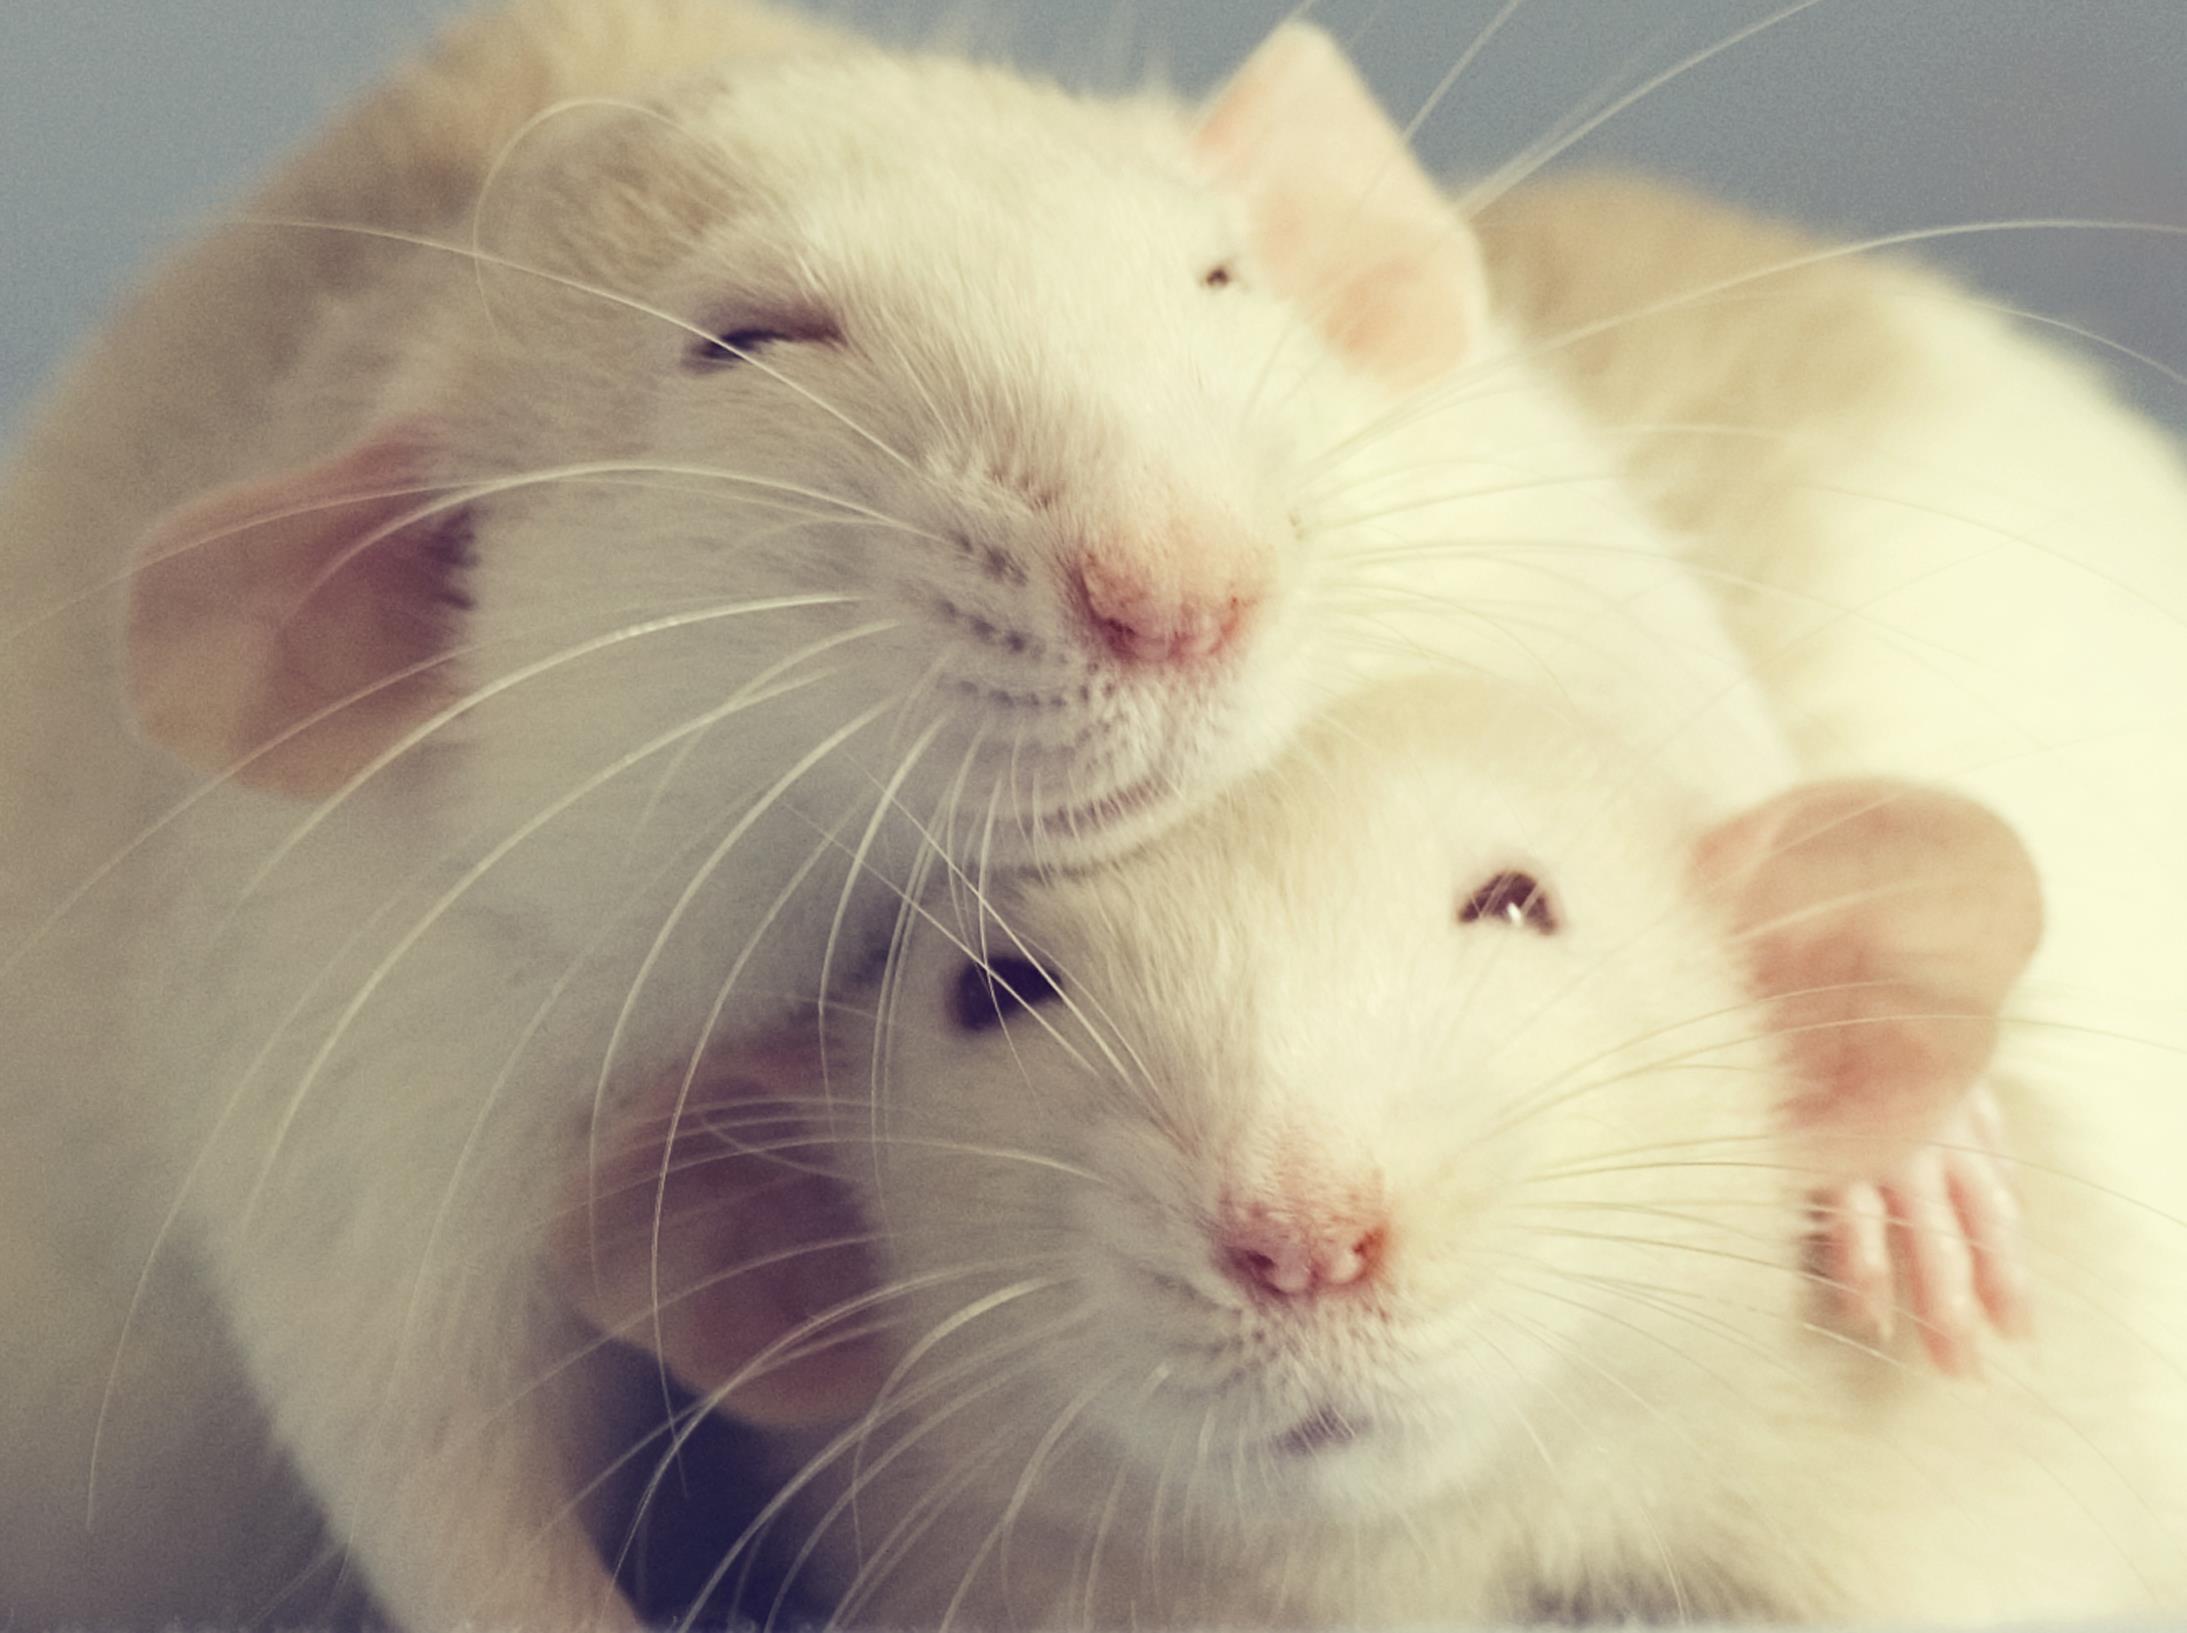 Szczury Są Wrażliwe Jak Zachowują Się Zwierzęta Które Zwykliśmy Tępić Nauka Newsweek Pl